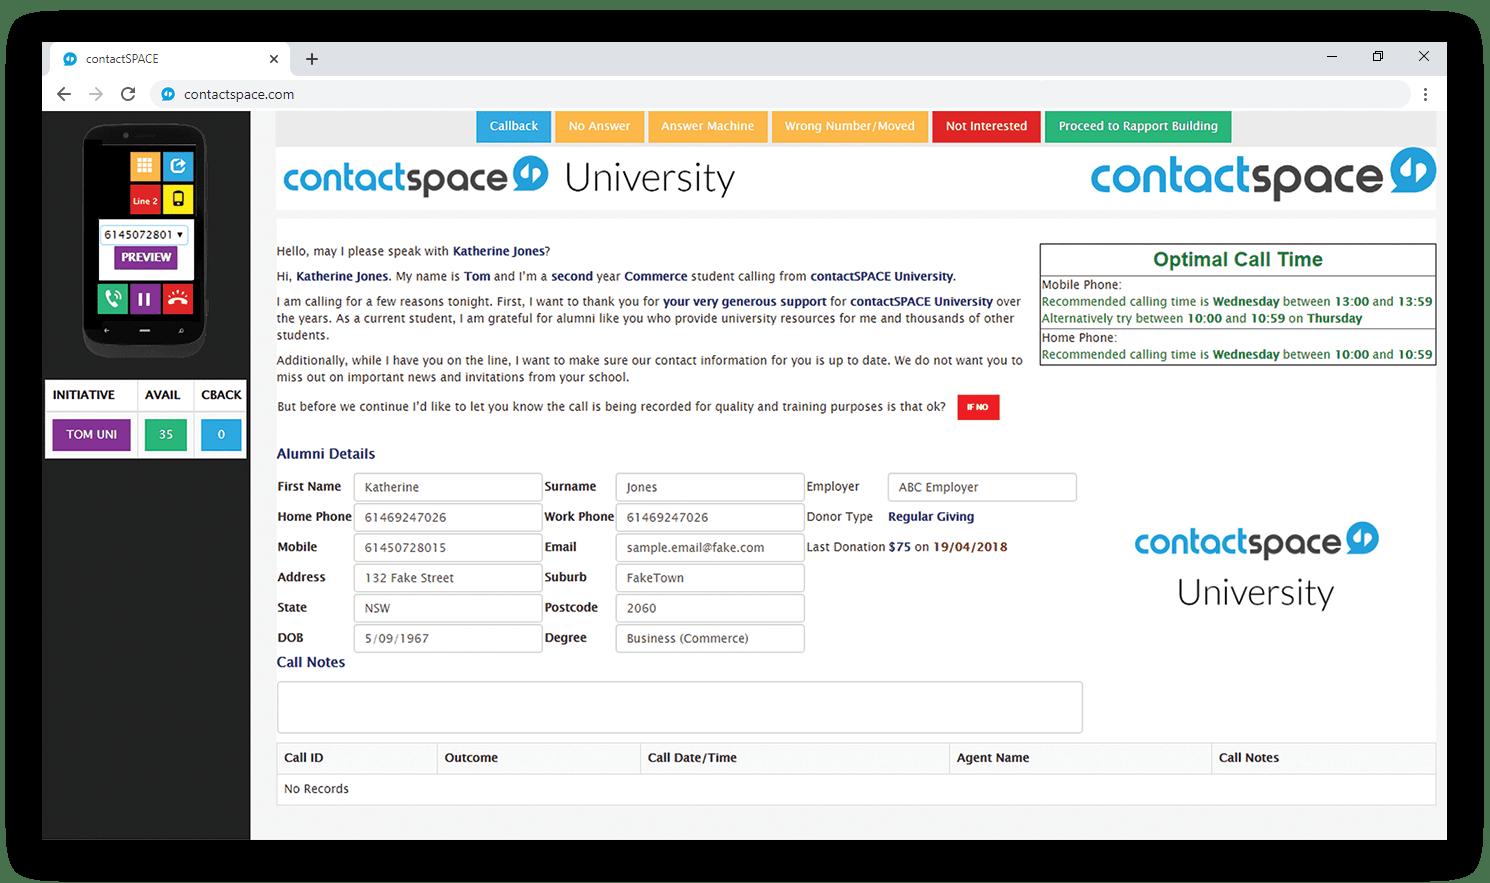 contactSPACE CallGuide interface.